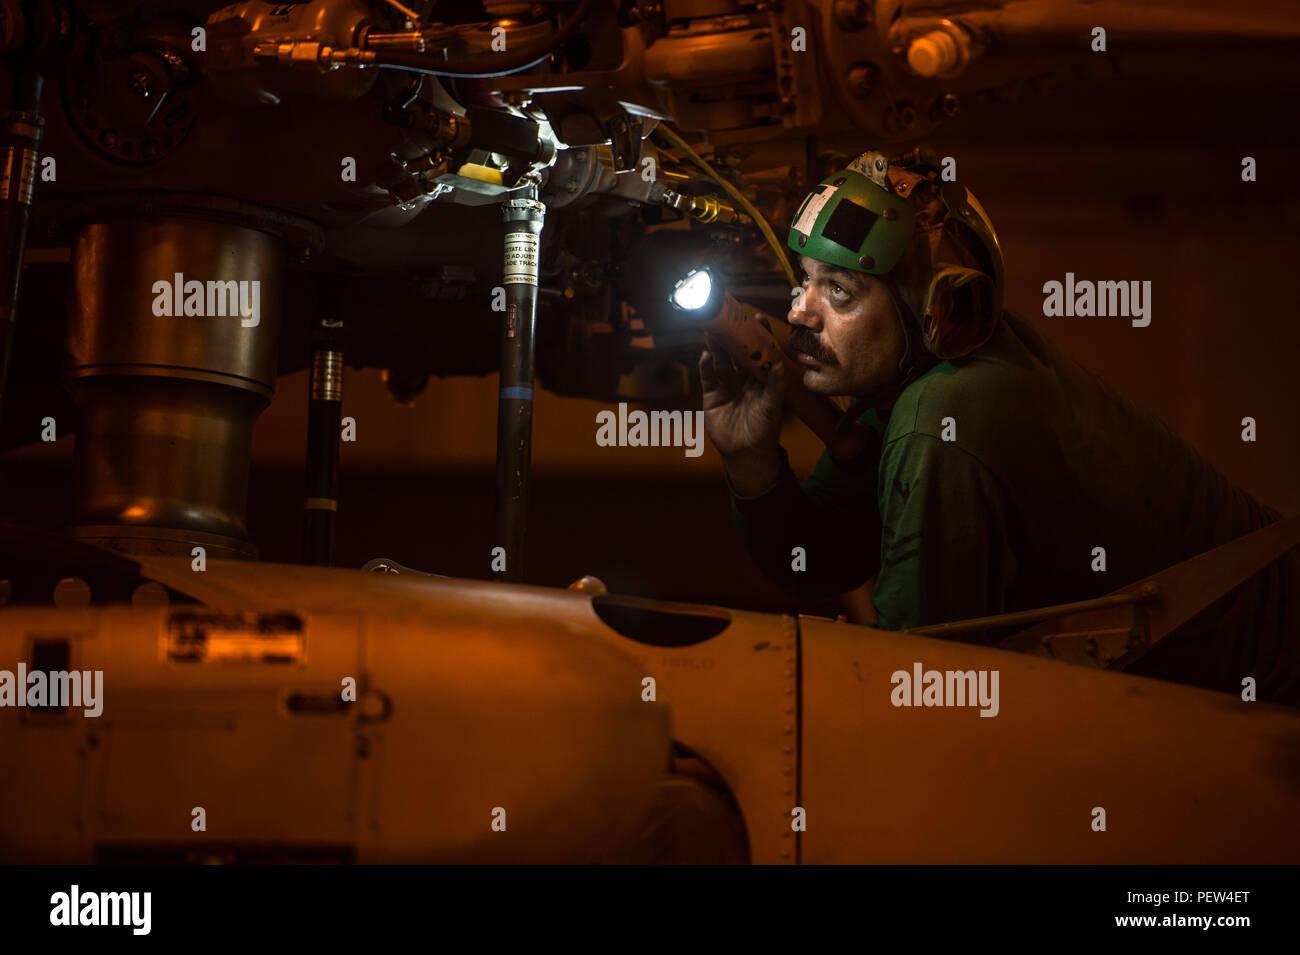 """160129-N-XX 566-013 PAZIFISCHEN OZEAN (Jan. 29, 2016) - Aviation Machinist Mate 2. Klasse Gregor Robinson, von La Habré, Calif., führt eine abschließende Fremdkörperinspektion eines MH-60S Sea Hawk für die Ladegeräte der Hubschrauber Meer Combat Squadron (HSC) 14 in USS John C Stennis"""" (CVN 74) Hangar bay zugeordnet. Eine Bekämpfung - bereit Kraft kollektiven maritime Interessen zu schützen, Stennis arbeitet als Teil der Großen Grüne Flotte in regelmäßigen Western Pacific Bereitstellung. (U.S. Marine Foto von Mass Communication Specialist 3. Klasse Andre T. Richard/Freigegeben) Stockbild"""